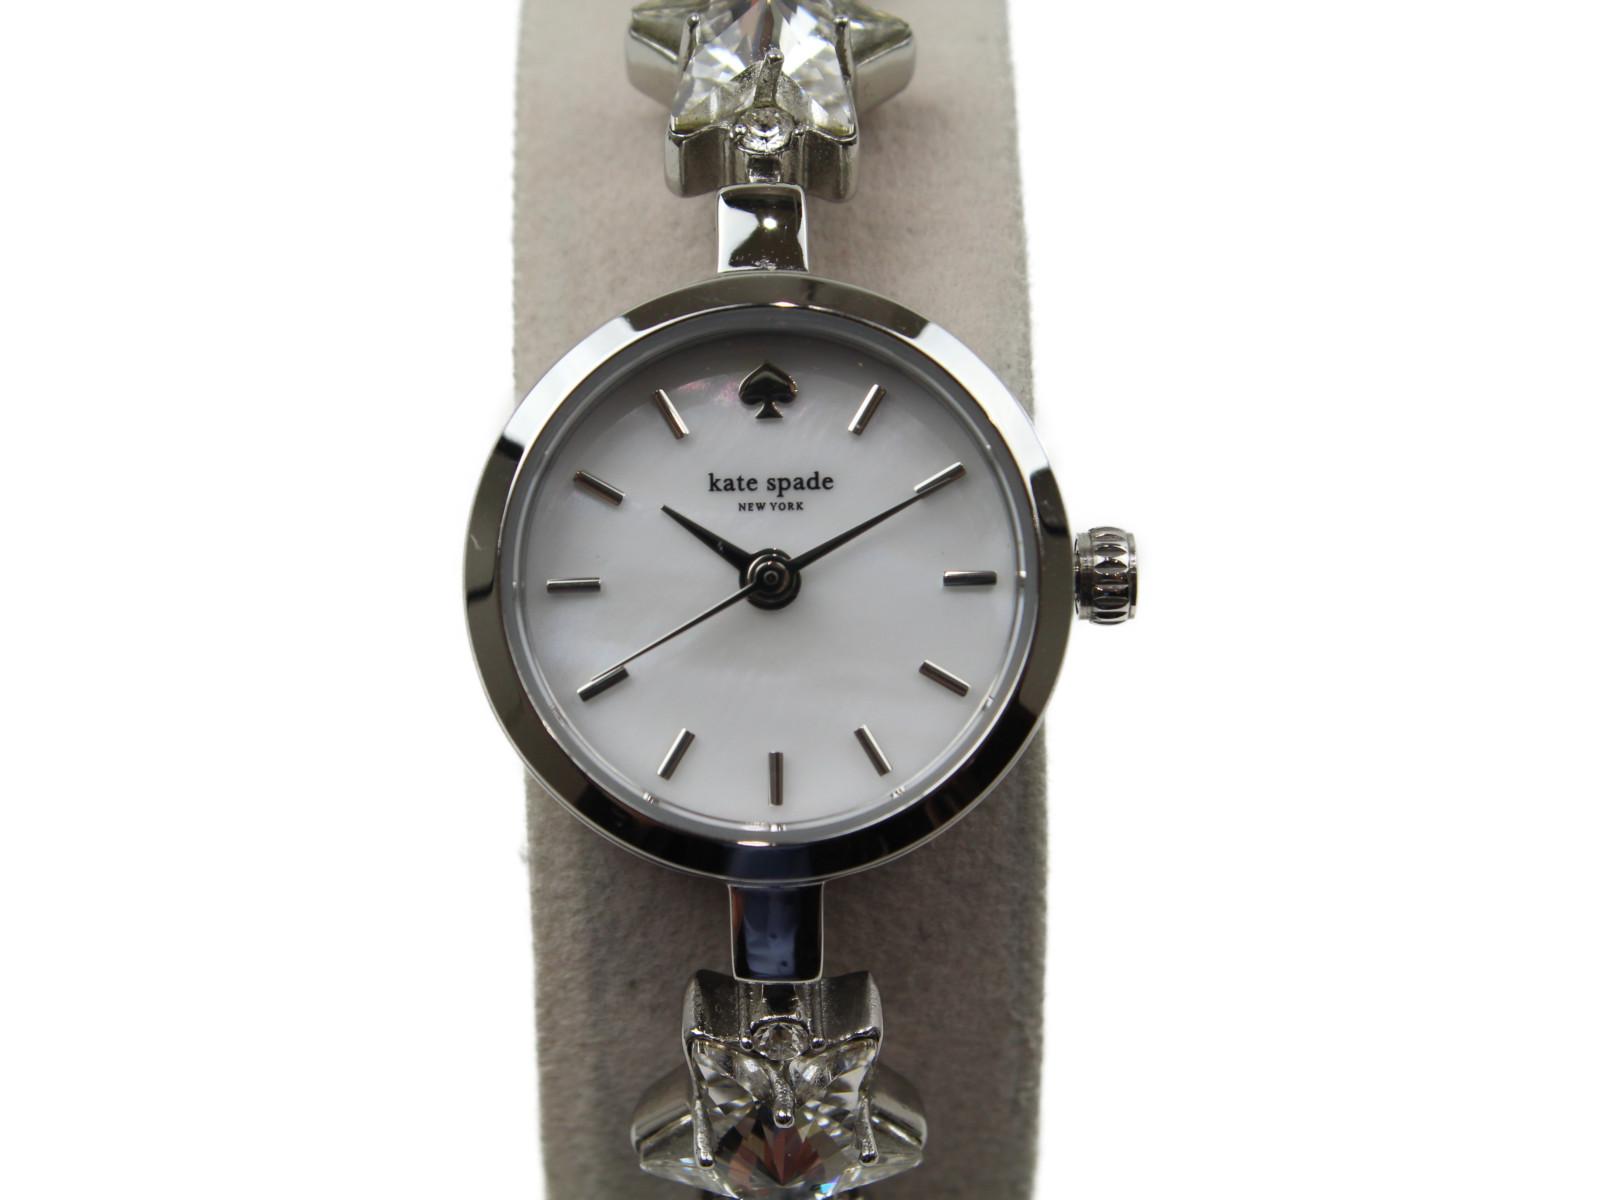 Kate spade ケイト・スペード KSW1392 クオーツ SS 星 スター シェル文字盤 ホワイト レディース 腕時計 【中古】